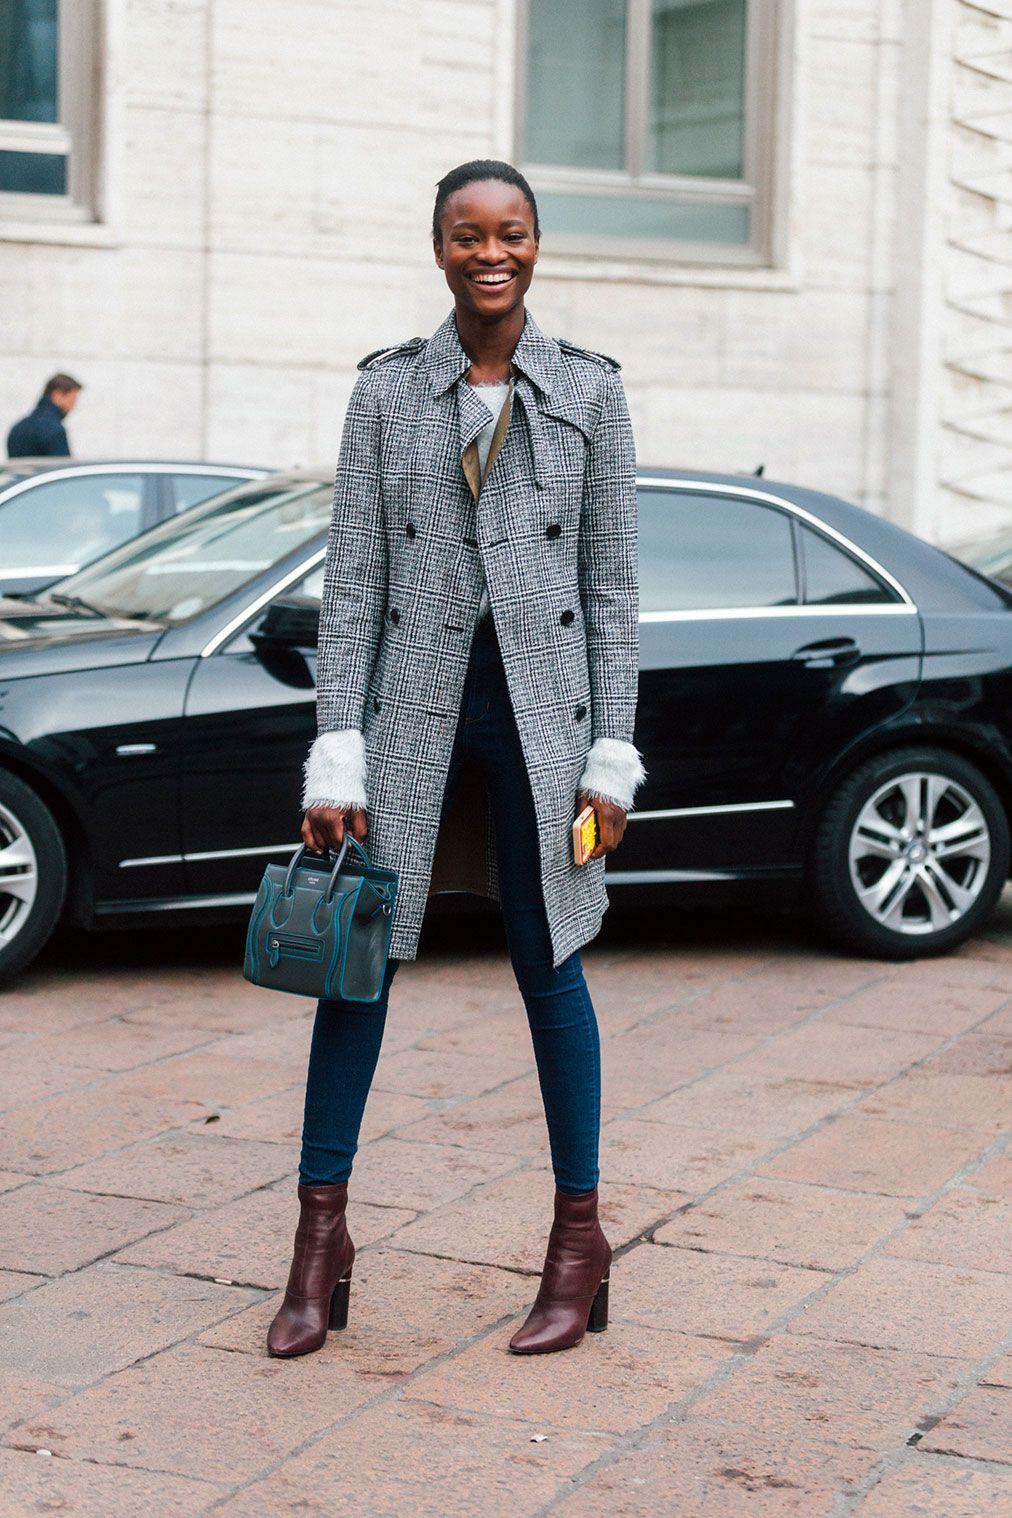 Mayowa Nicholas - Page 20 - the Fashion Spot